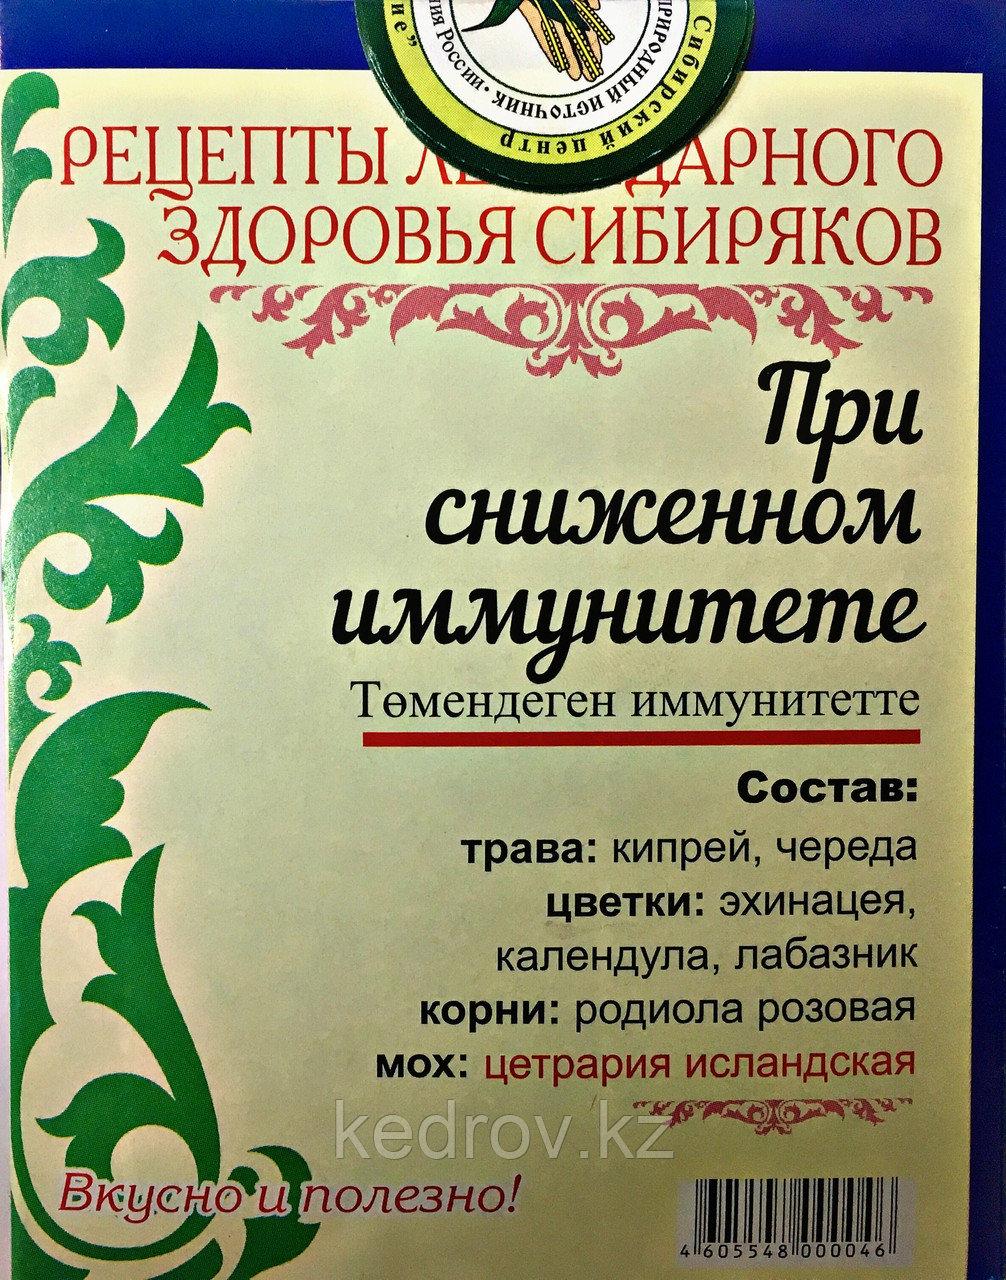 Народный Чай №22 При сниженном иммунитете 40 г (20ф/пх2,0)